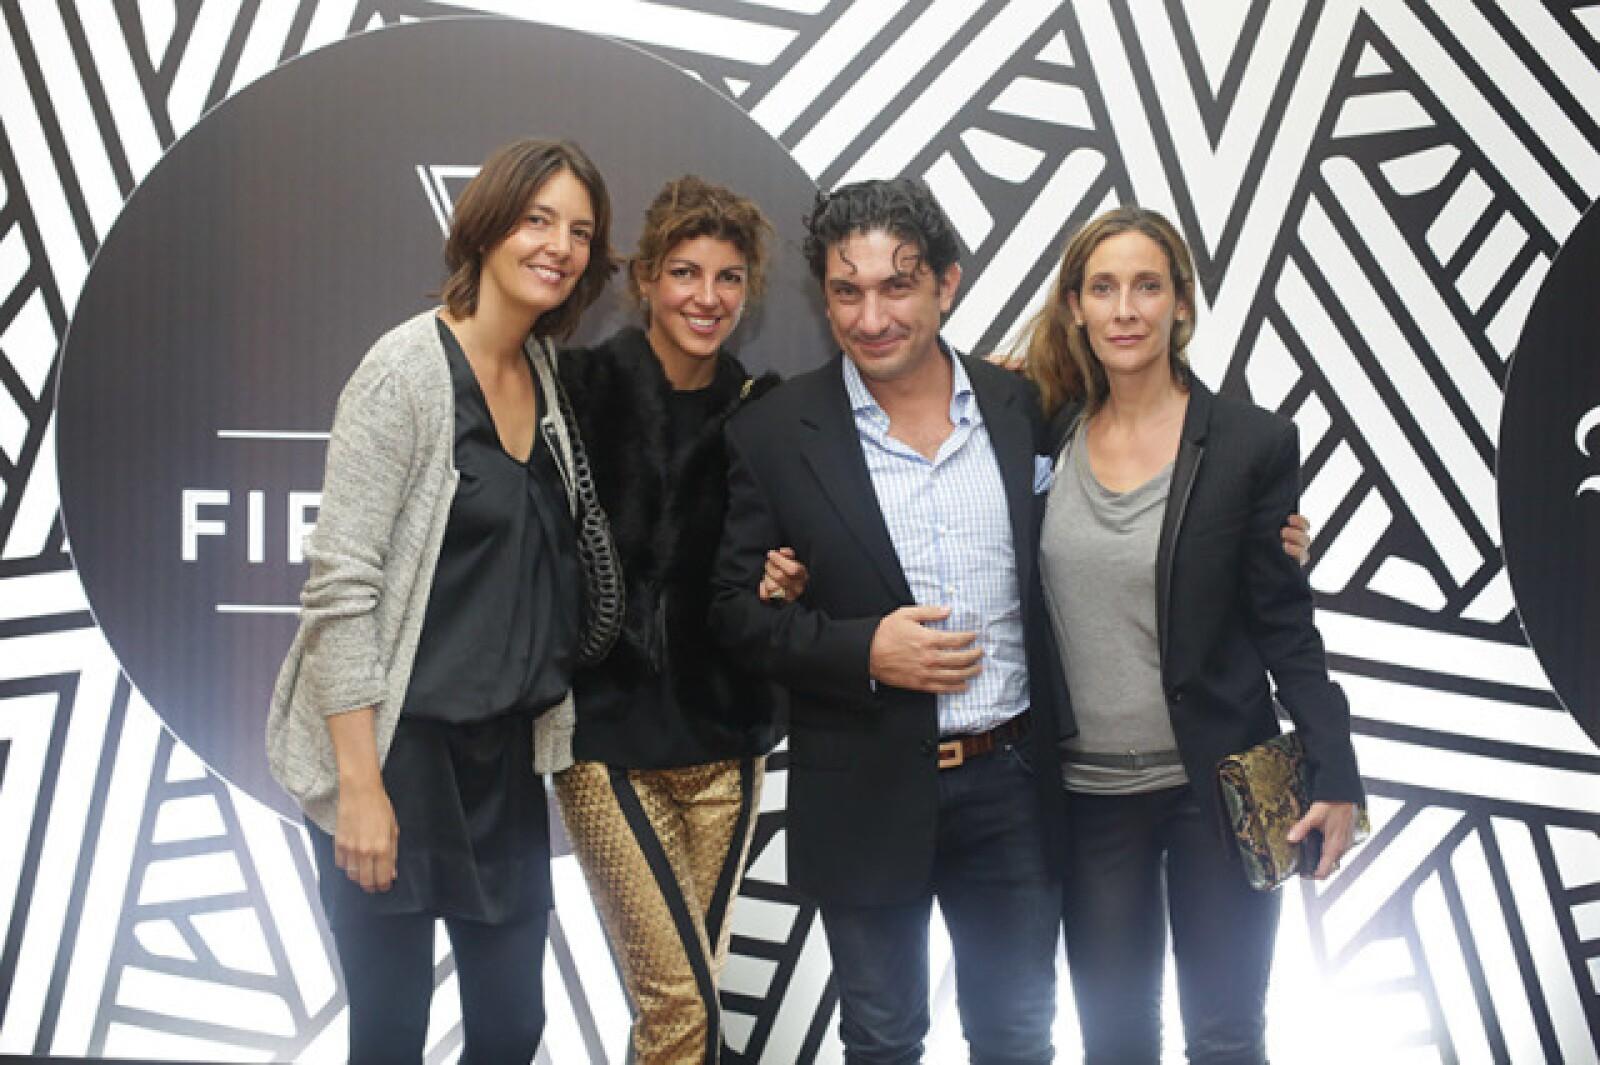 Mariana Escudero,Fernanda Hegewisch,David Jassan y Tania Zesati